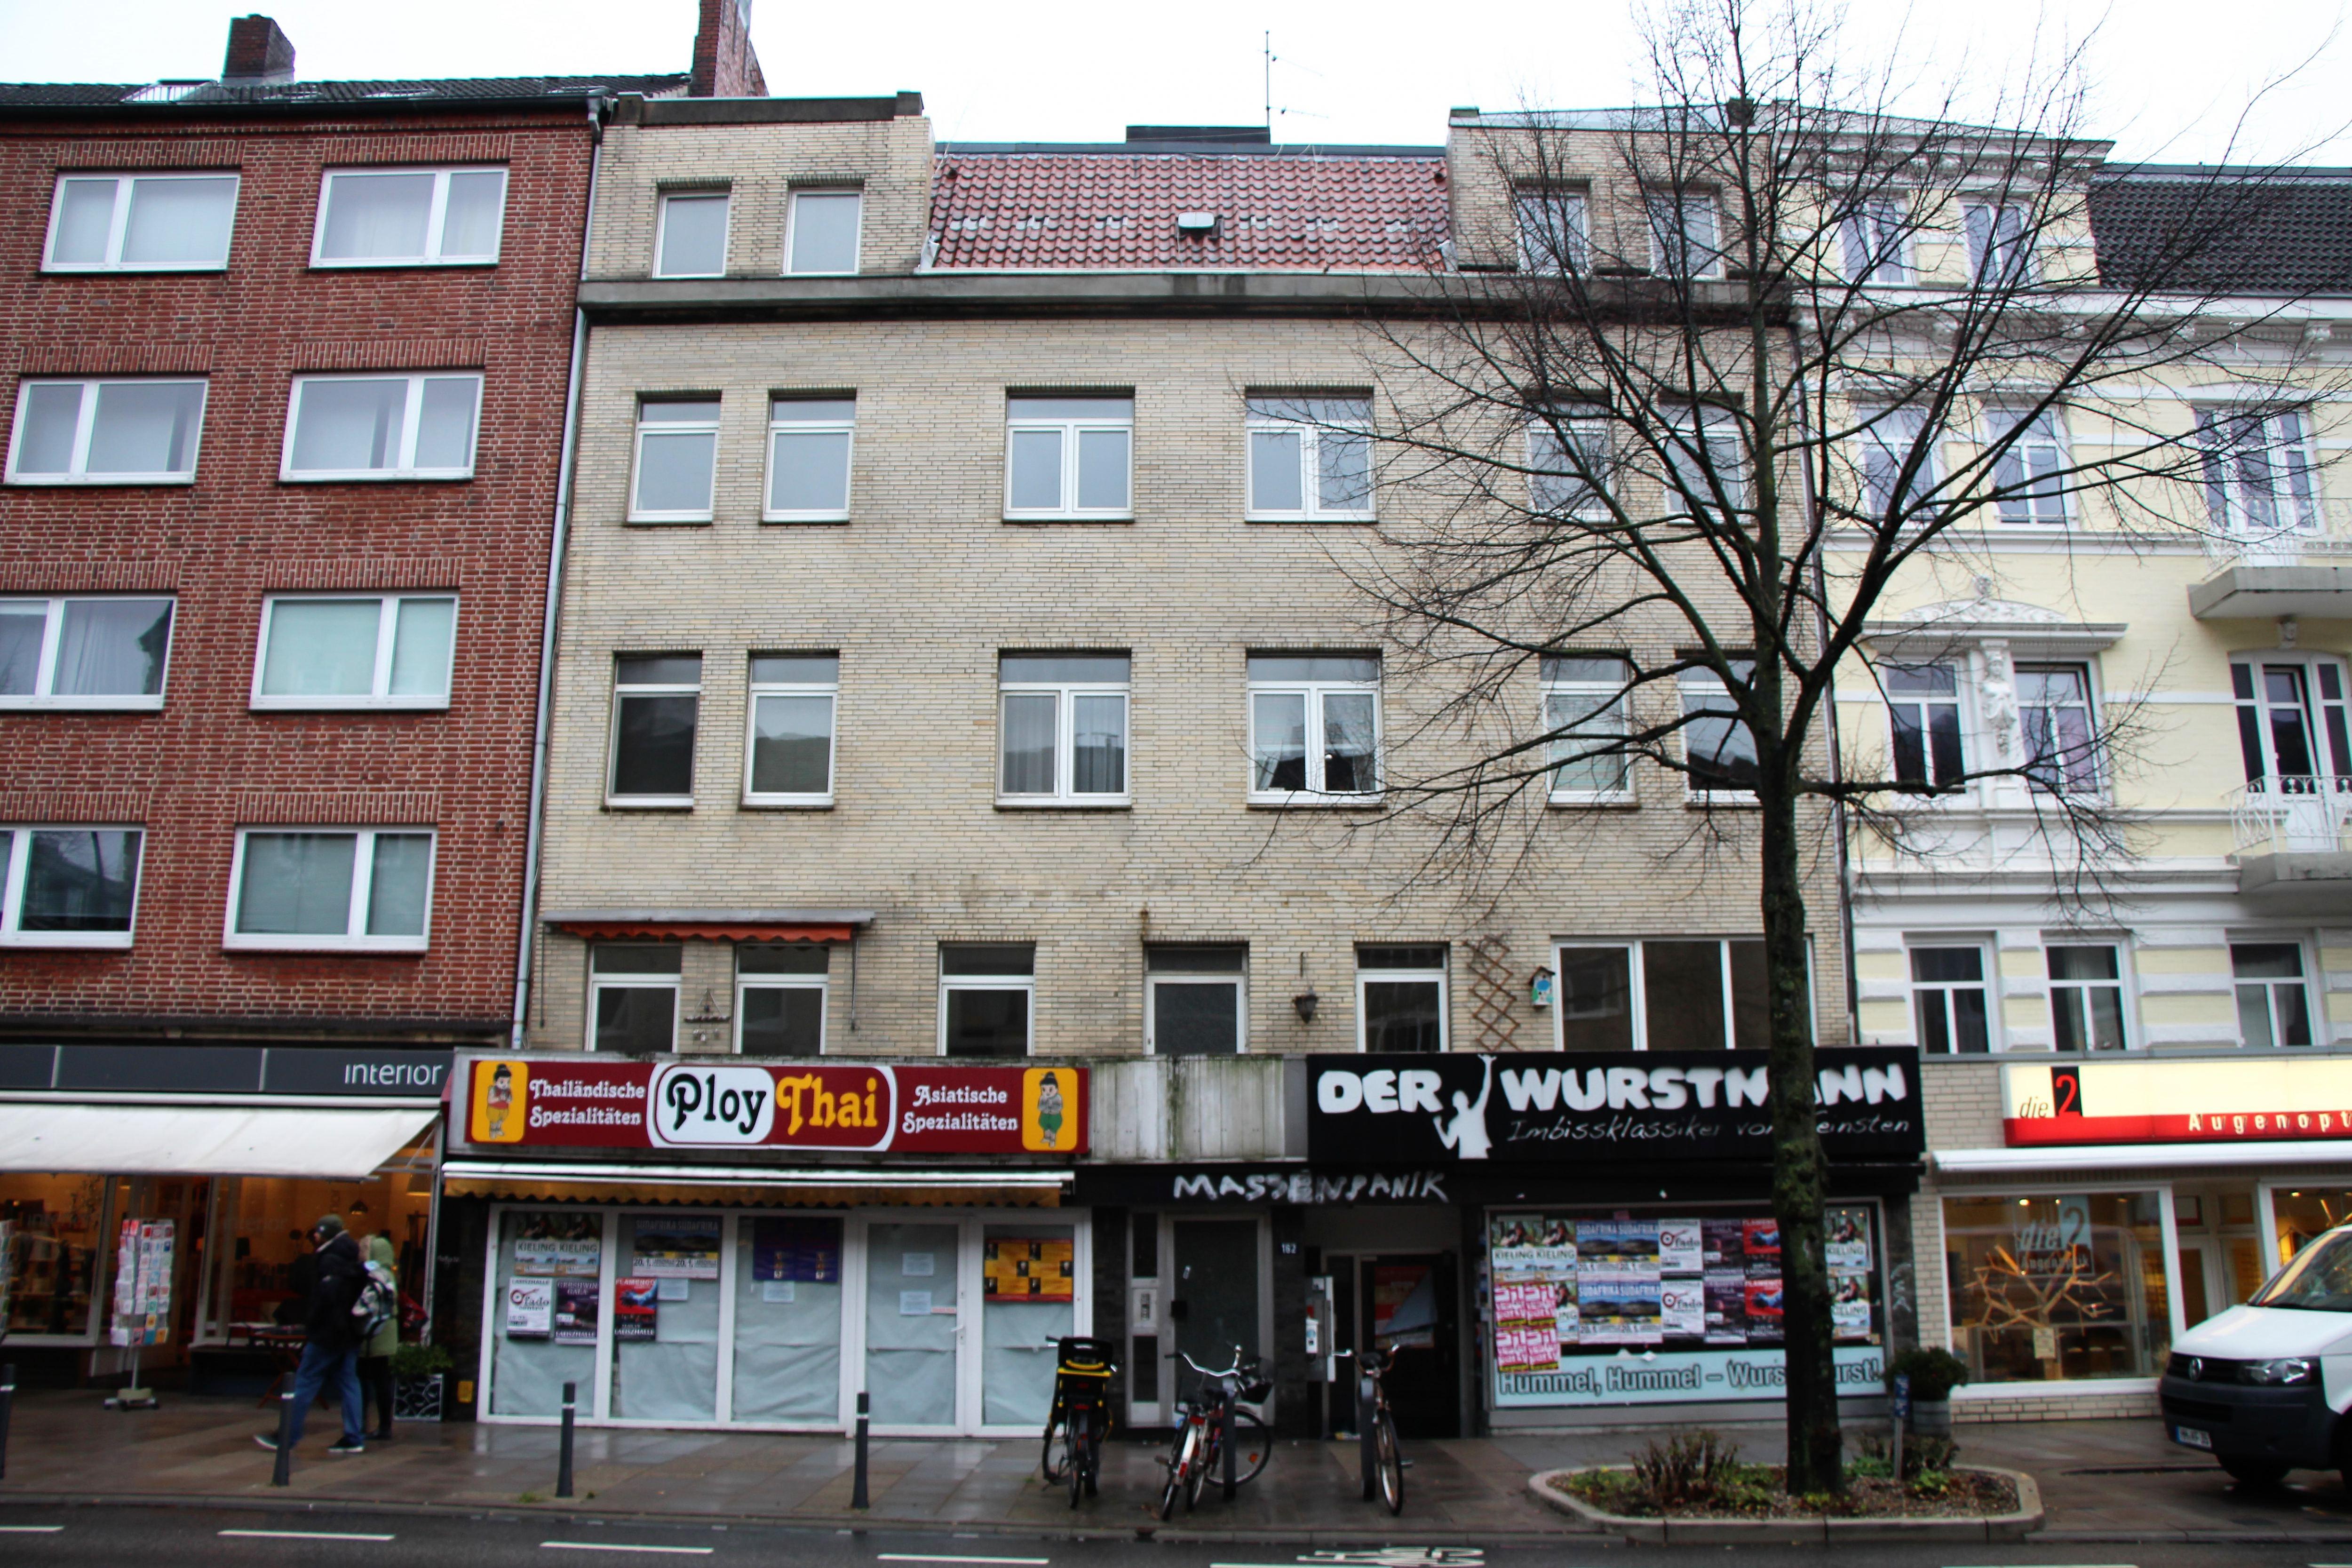 Zwangsvermietung in der Osterstraße?